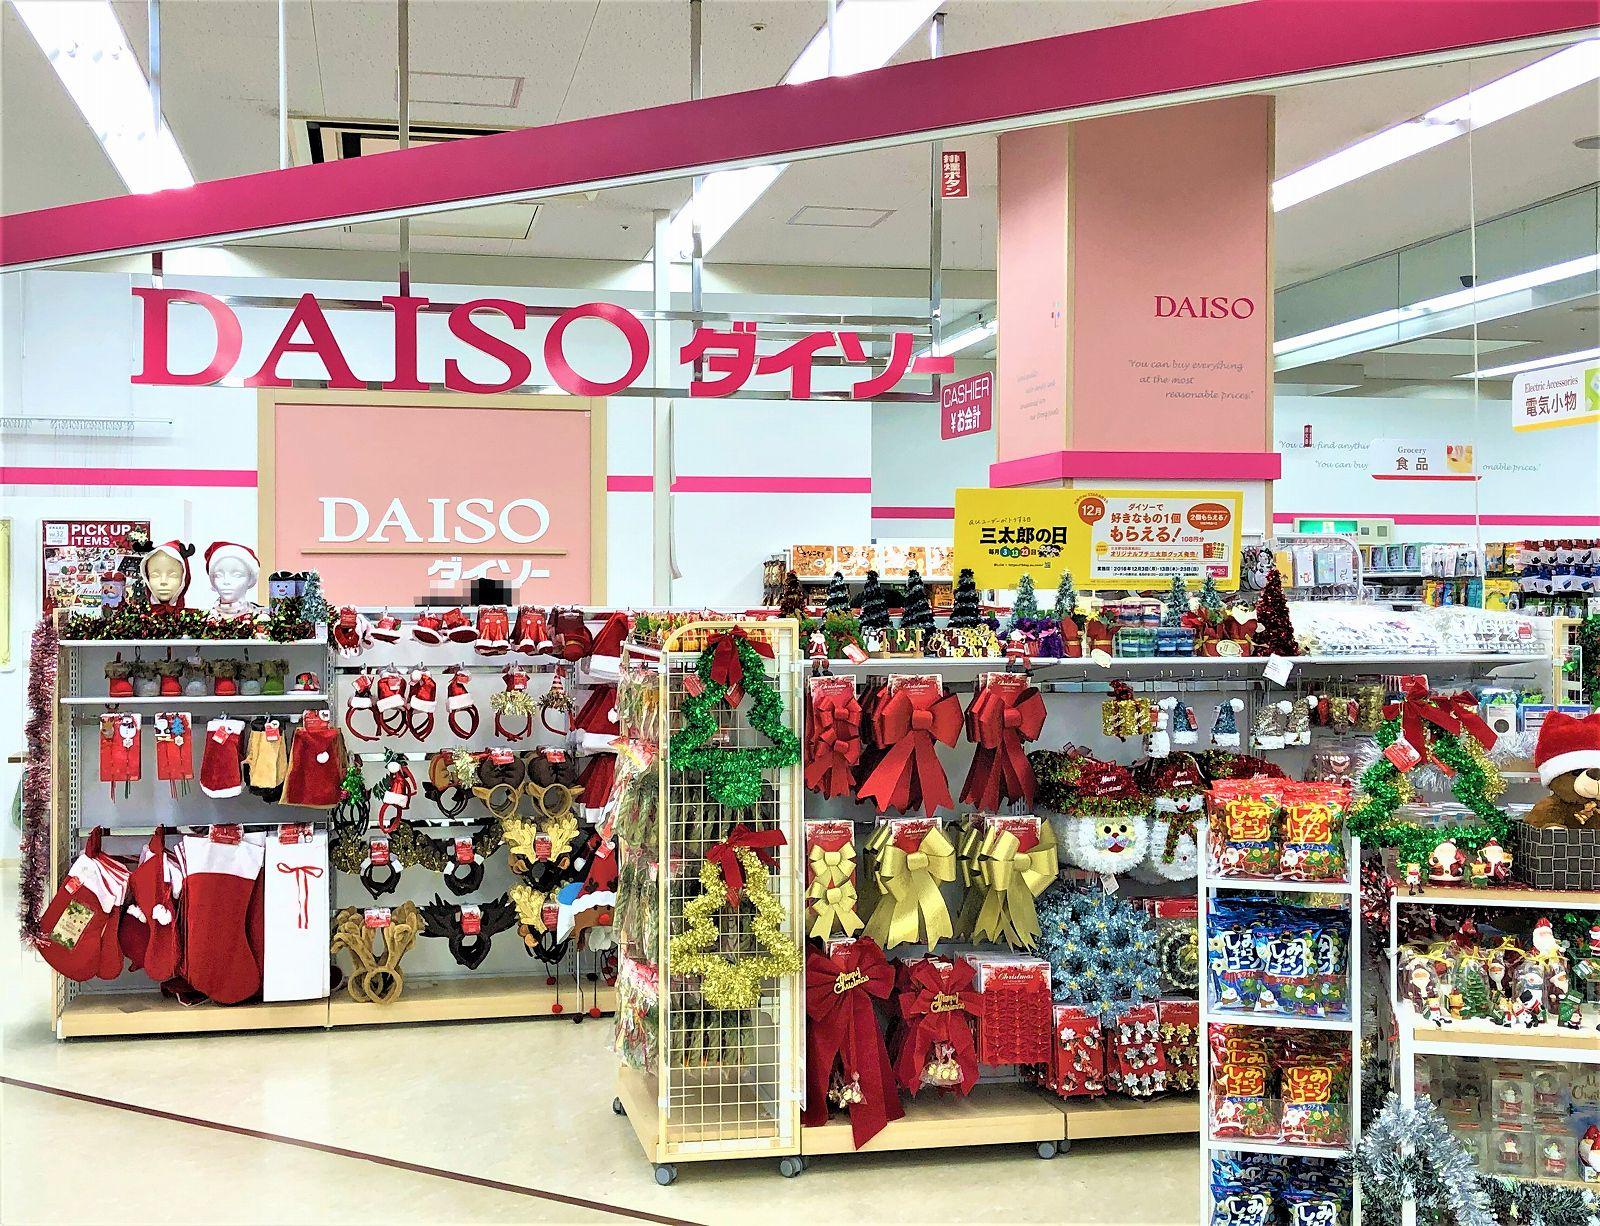 広くて品揃え豊富!「DAISO(ダイソー) ダイエー甲南店」オープンしたので行ってみた! #DAISO #ダイソー #新規オープン #100均 #ダイエー甲南店 #東灘区